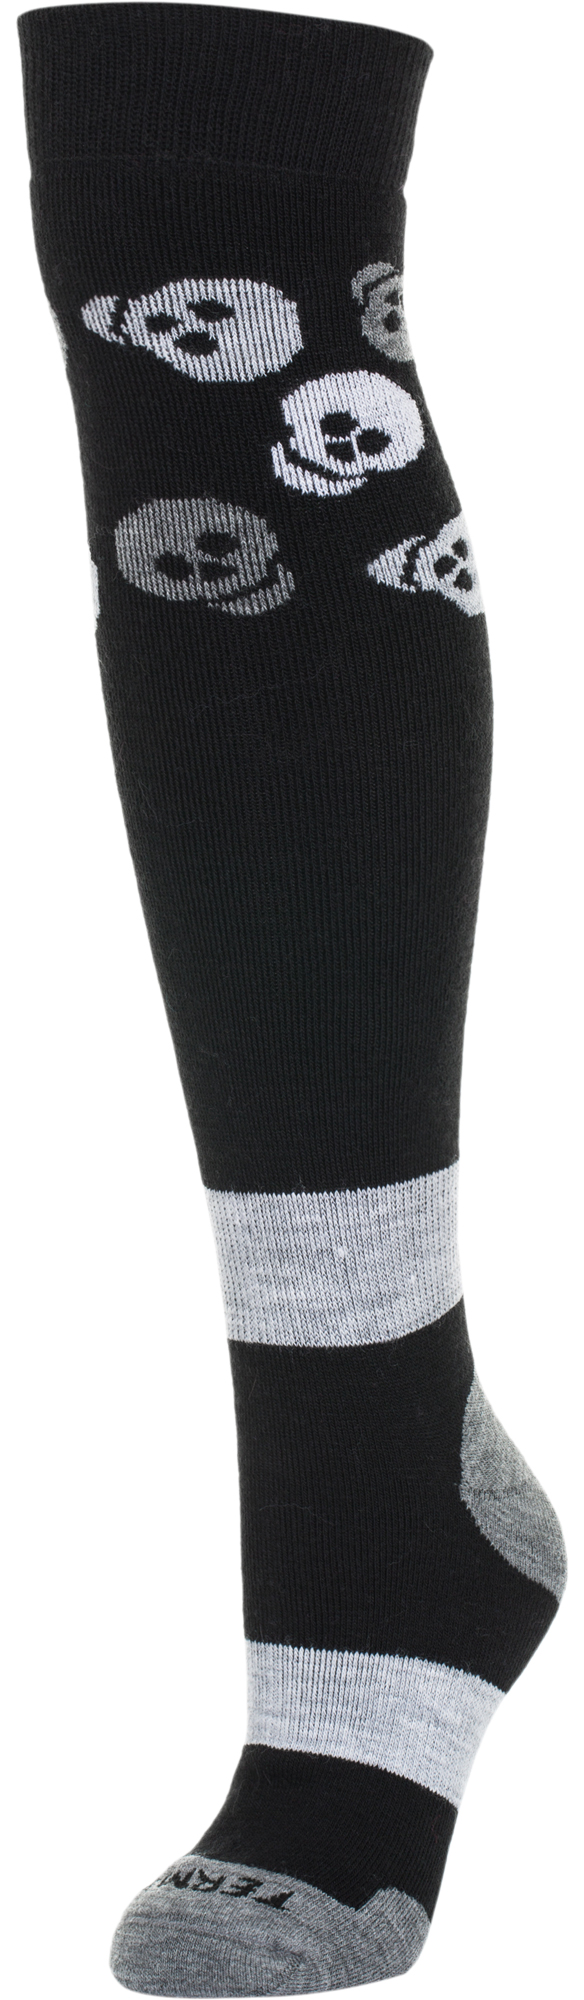 Termit Гольфы Termit, 1 пара, размер 43-46